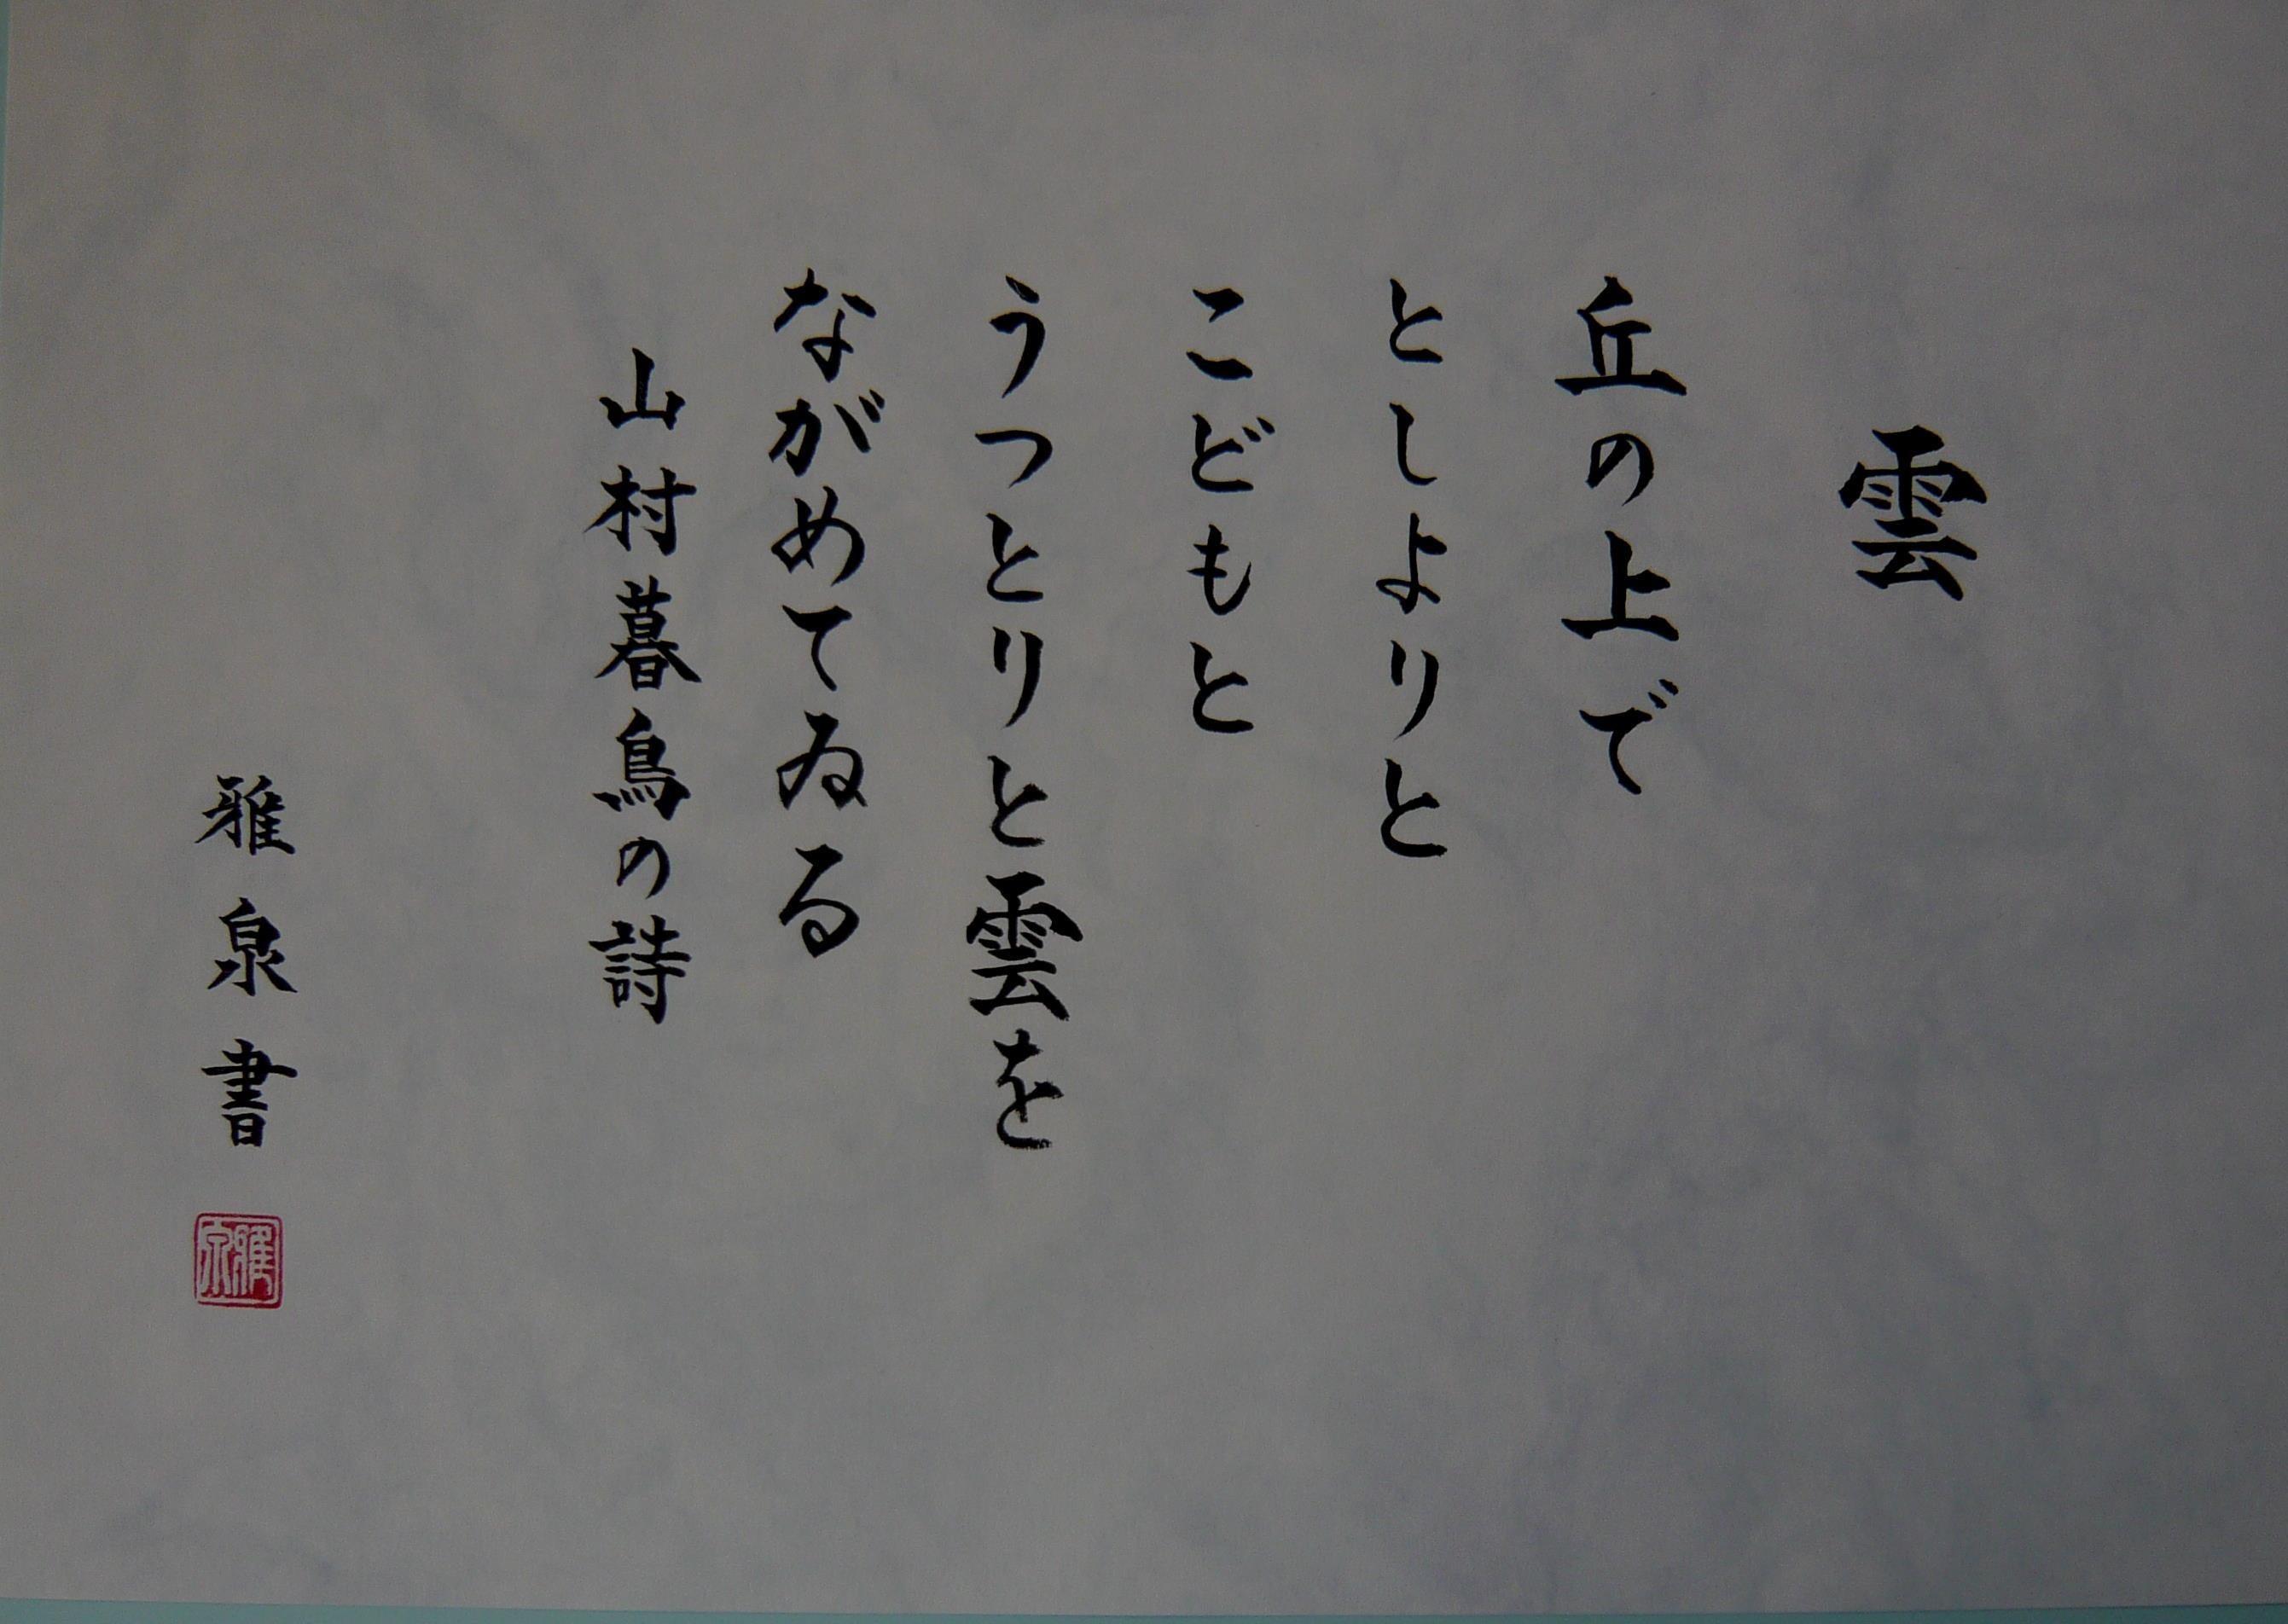 『山村暮鳥』さんの詩 第1弾 ~《水彩8作品付き》~ | 新井 雅泉